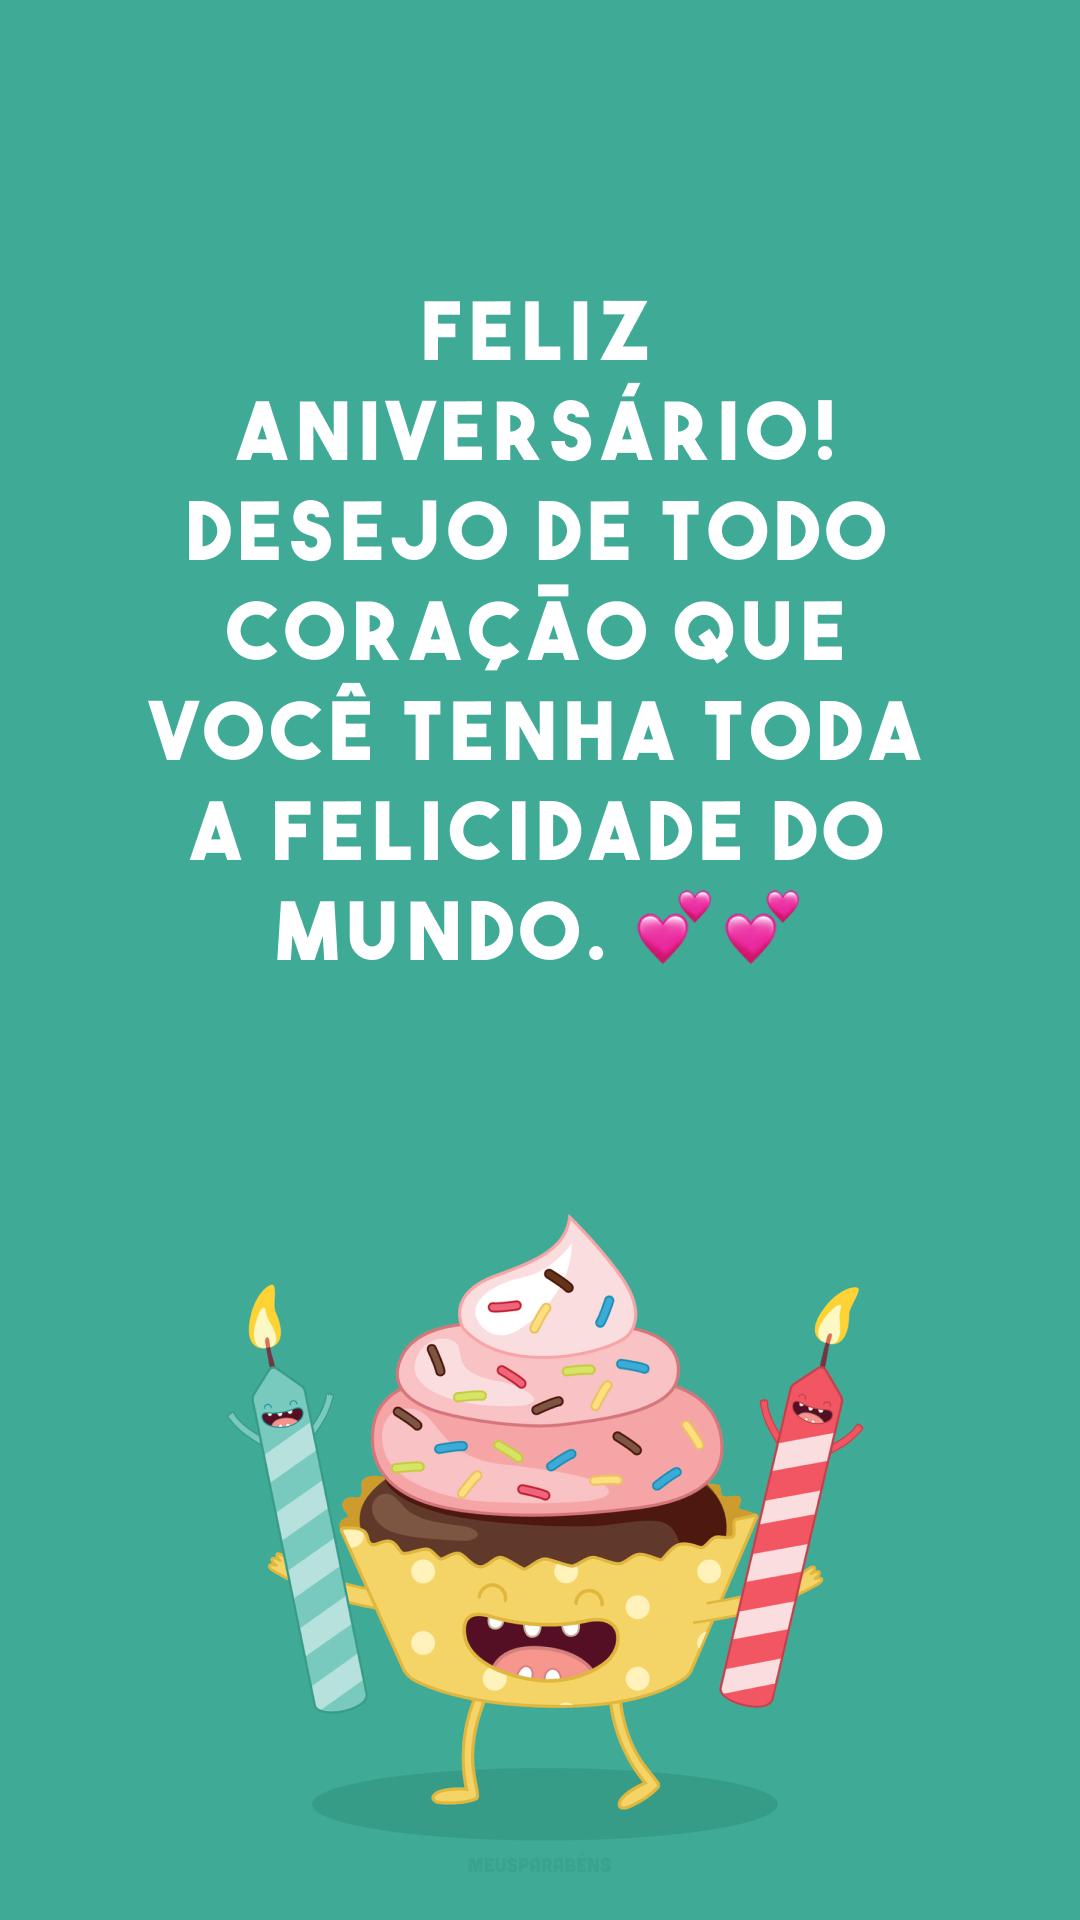 Feliz aniversário! Desejo de todo coração que você tenha toda a felicidade do mundo. 💕💕